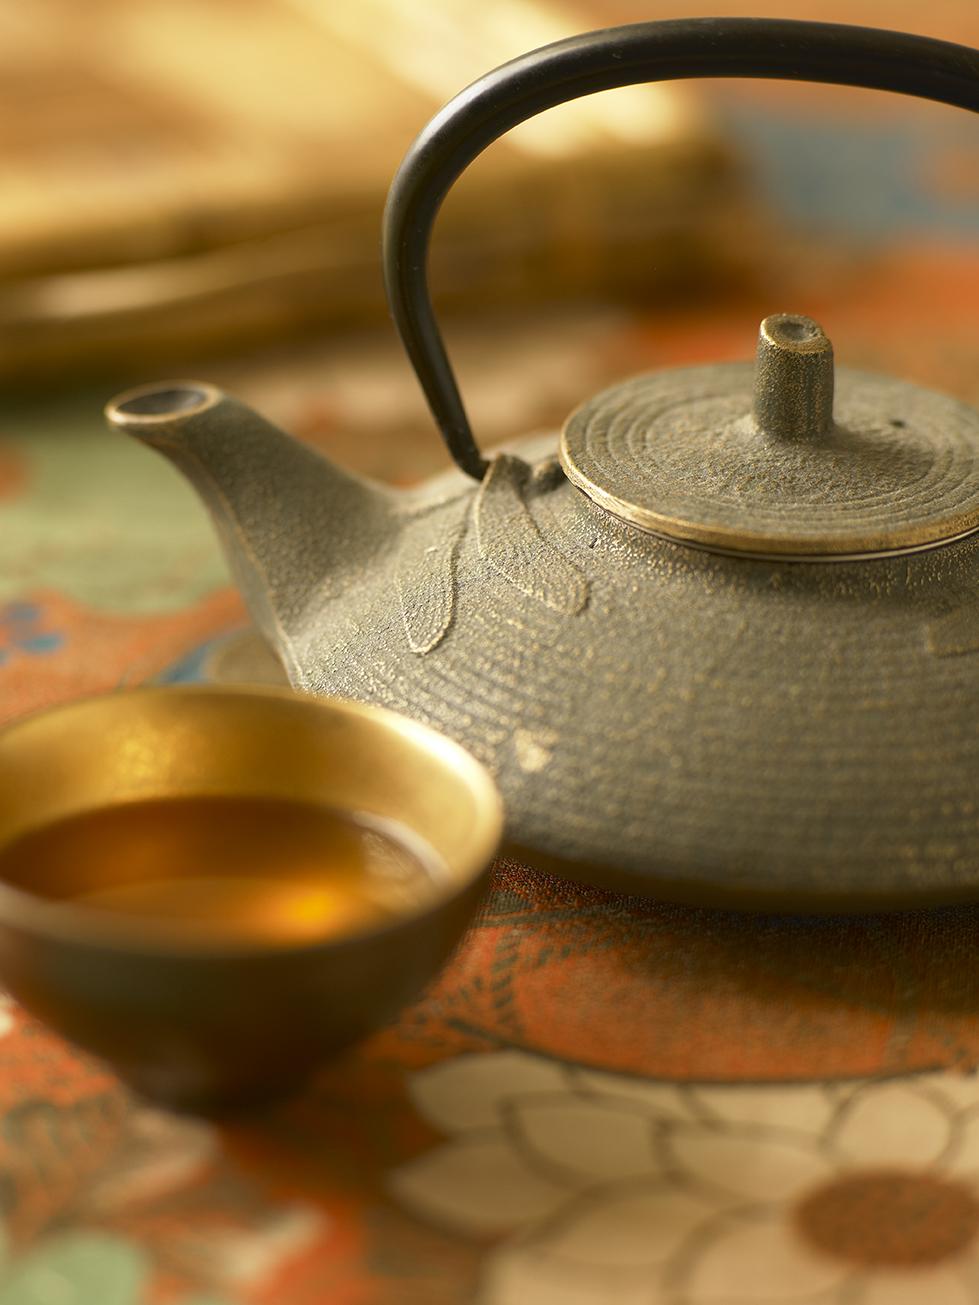 Tea_002.jpg